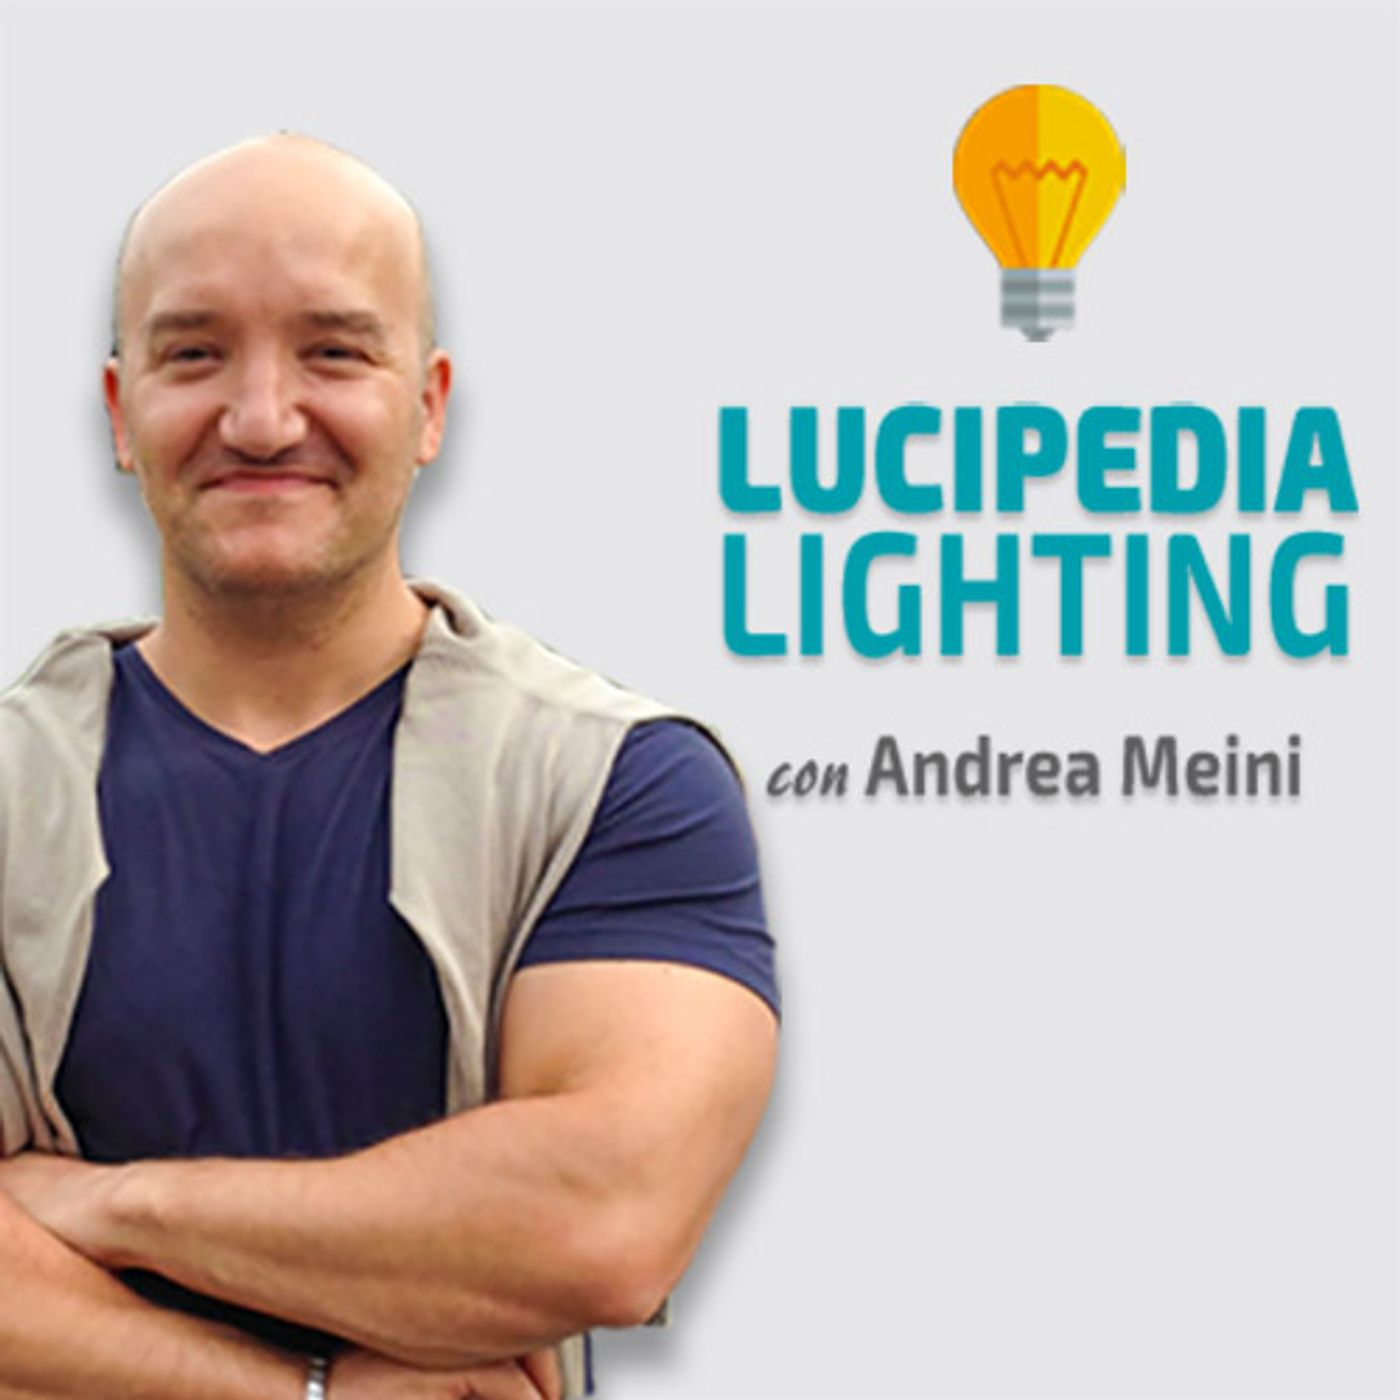 Lucipedia